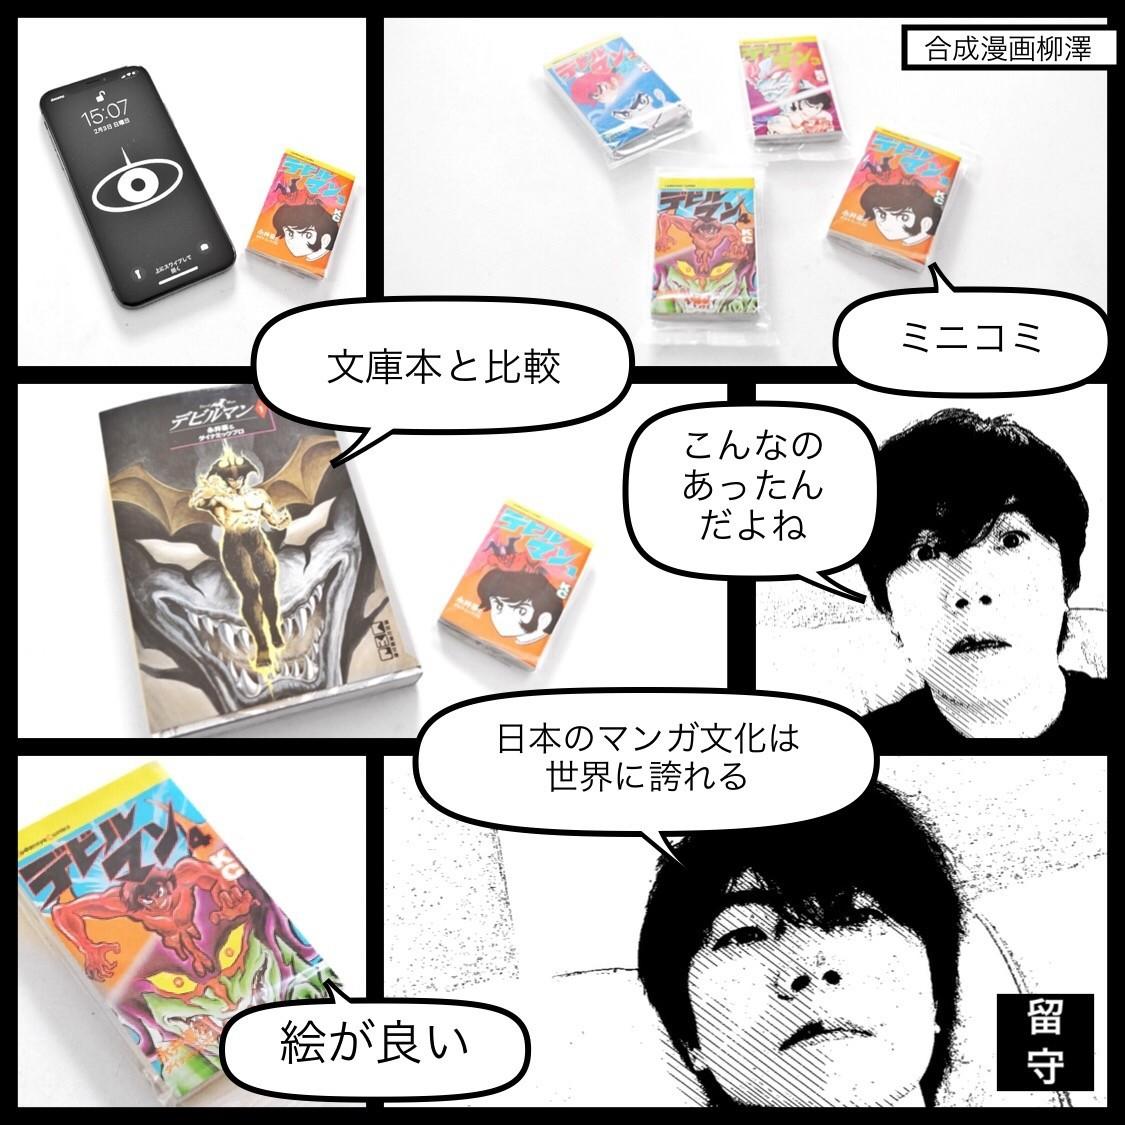 デビルマン  言わずと知れた永井豪のマンガ  TVアニメ放映と同時にマンガ連載を進めた  メディアミックスの先駆けだったという  今でこそメディアミックスという言葉をマーケティングの人間が口にするが1972年には既に実行されていた  そして  結果を出して現在でも新バージョンのアニメが作られてもいる  成功実例のひとつだ  合成漫画柳澤公式 http://goseimanga.com/archives/973  #デビルマン #メディアミックス #永井豪 #アニメ #水木一郎 #合成漫画柳澤